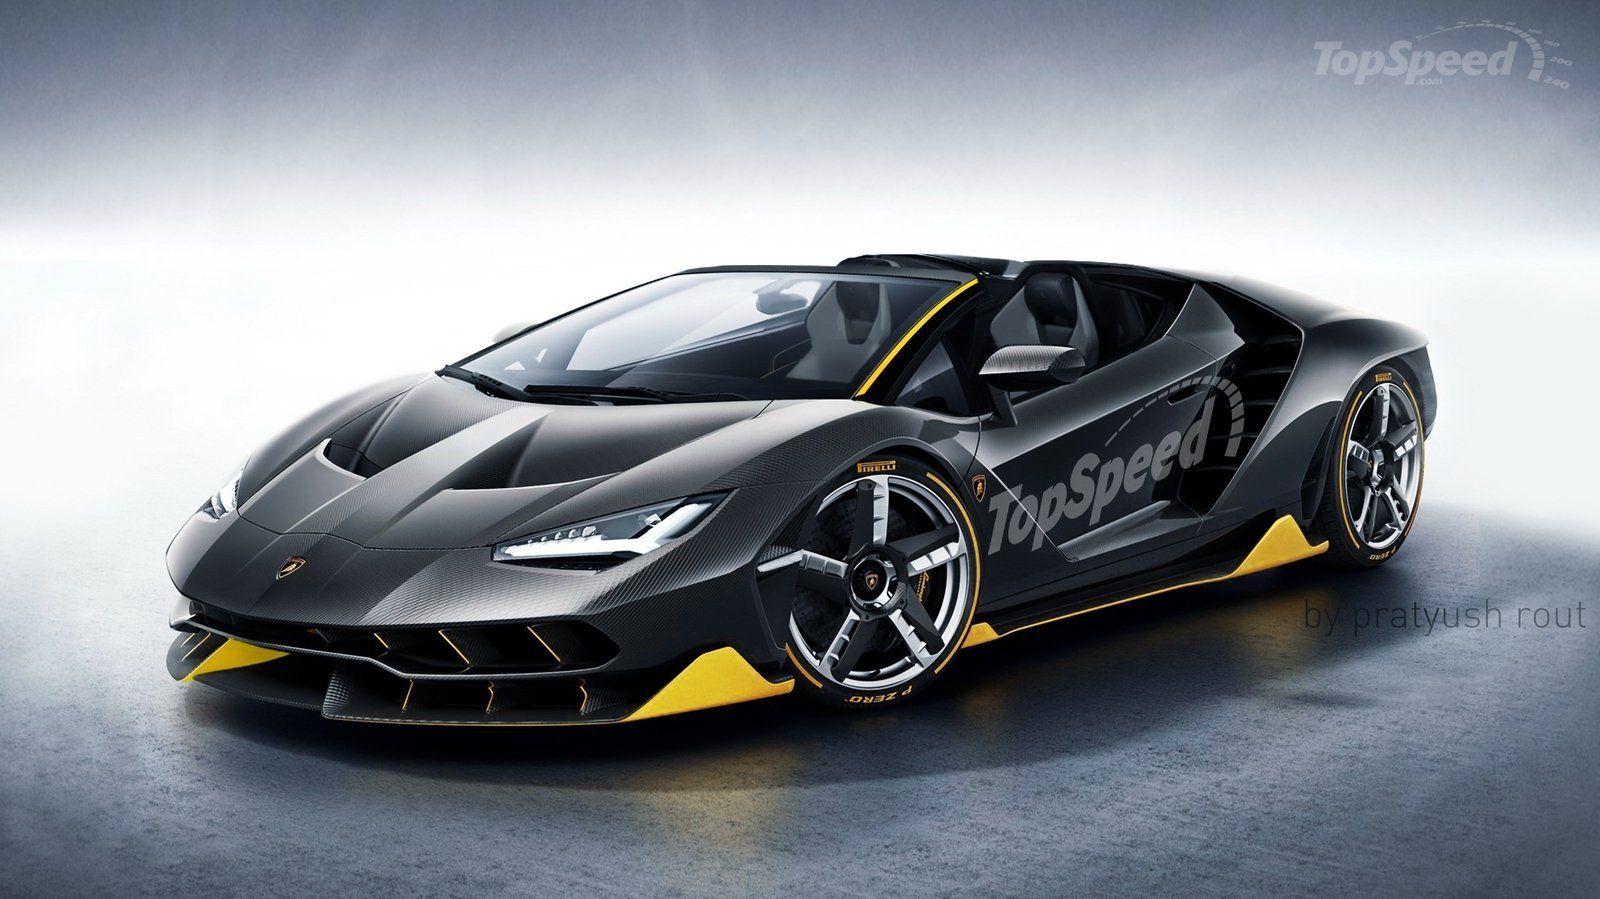 Pin Oleh Lamborghinisuv Di Lamborghini Sports Supercars Mobil Keren Lamborgini Aventador